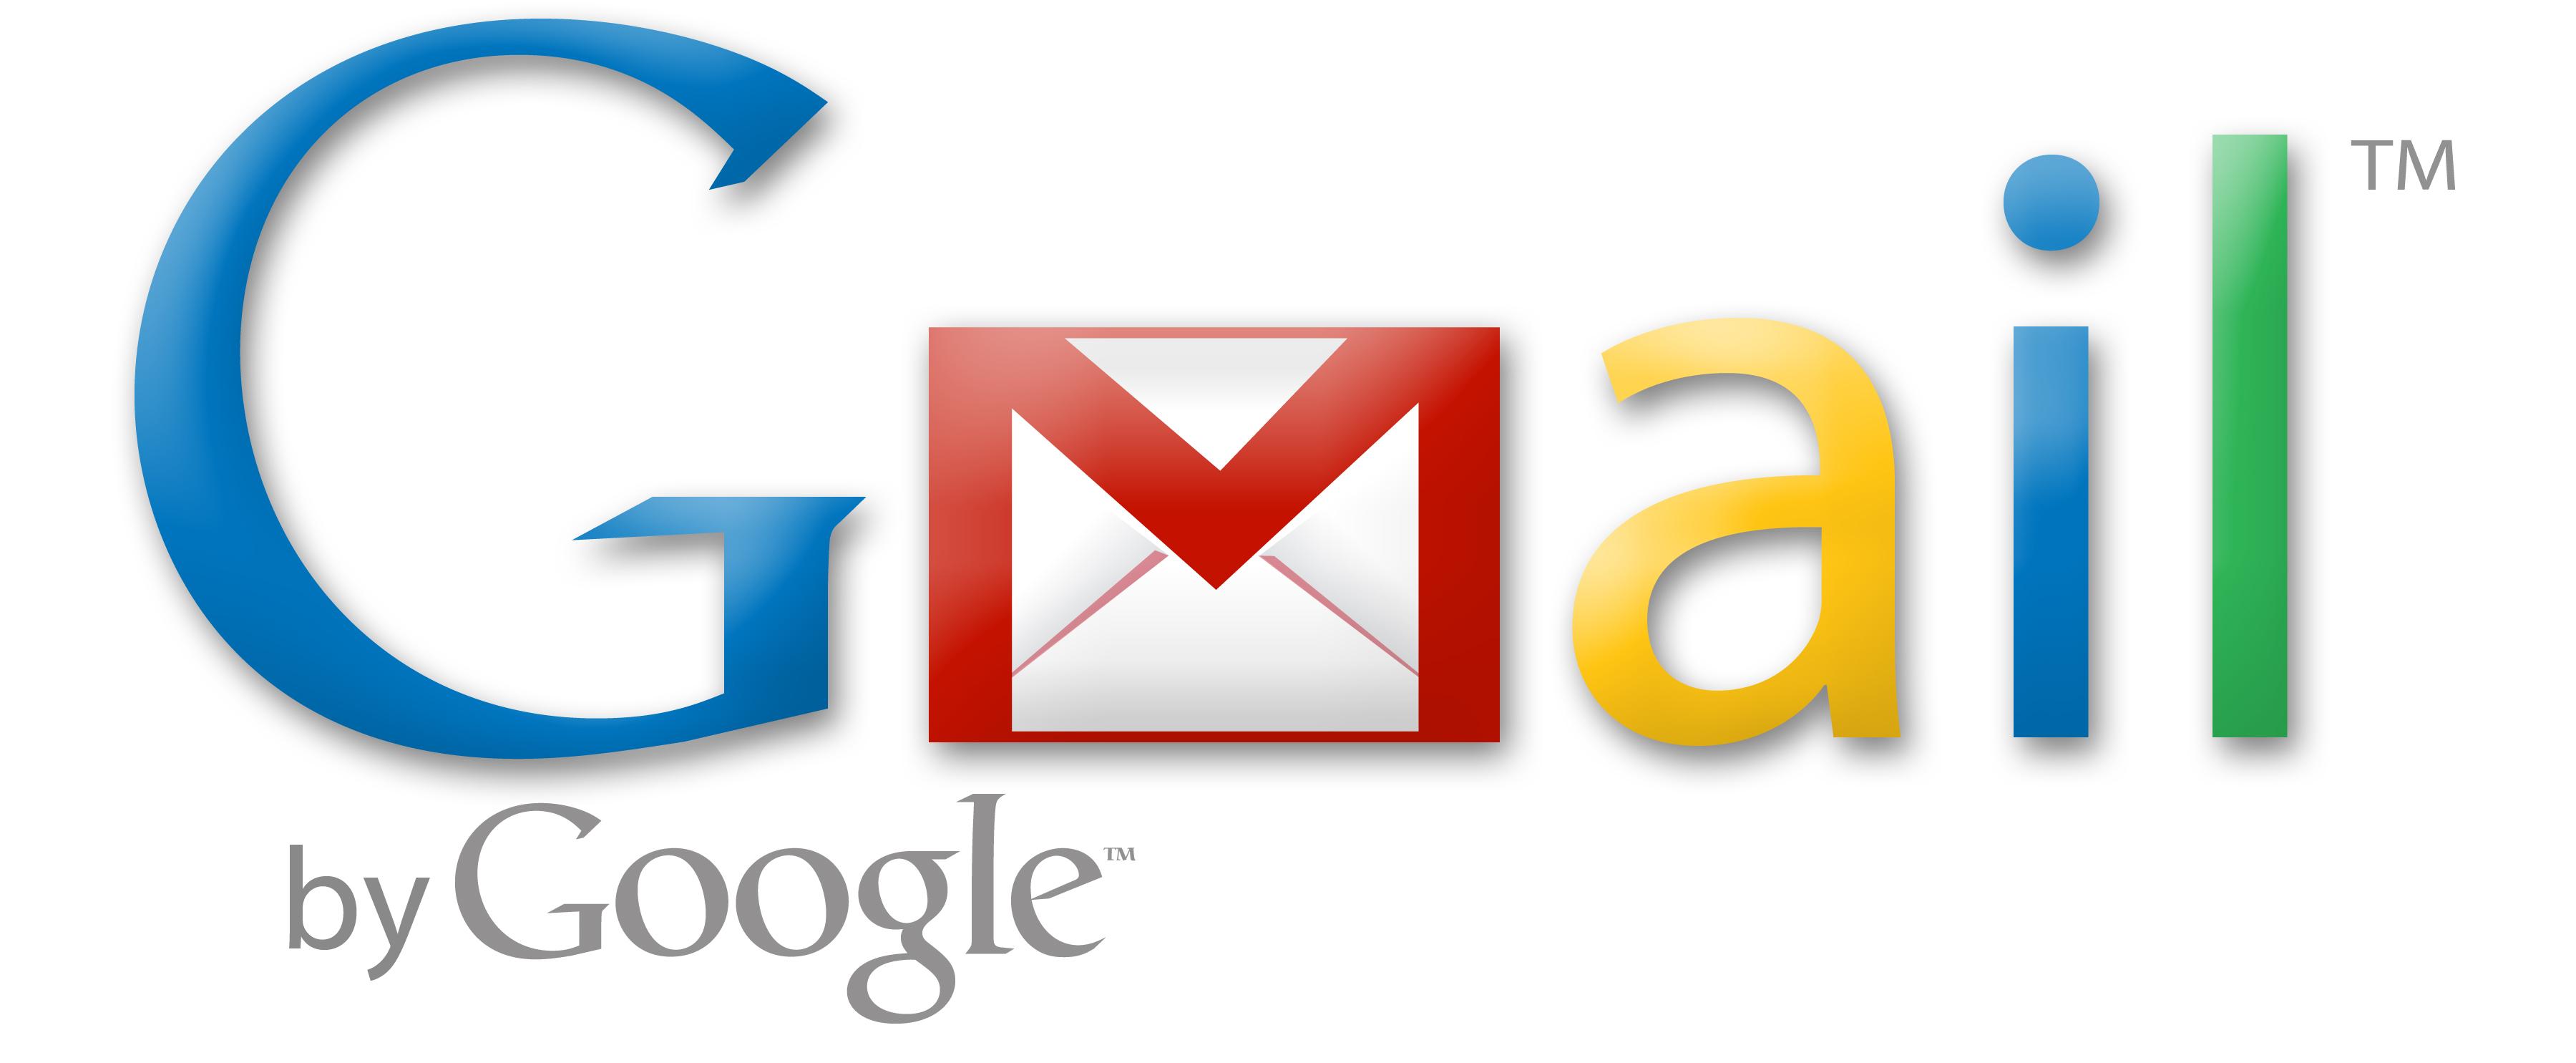 ビジネスで絶対使うべきGmailの理由と登録から使い方